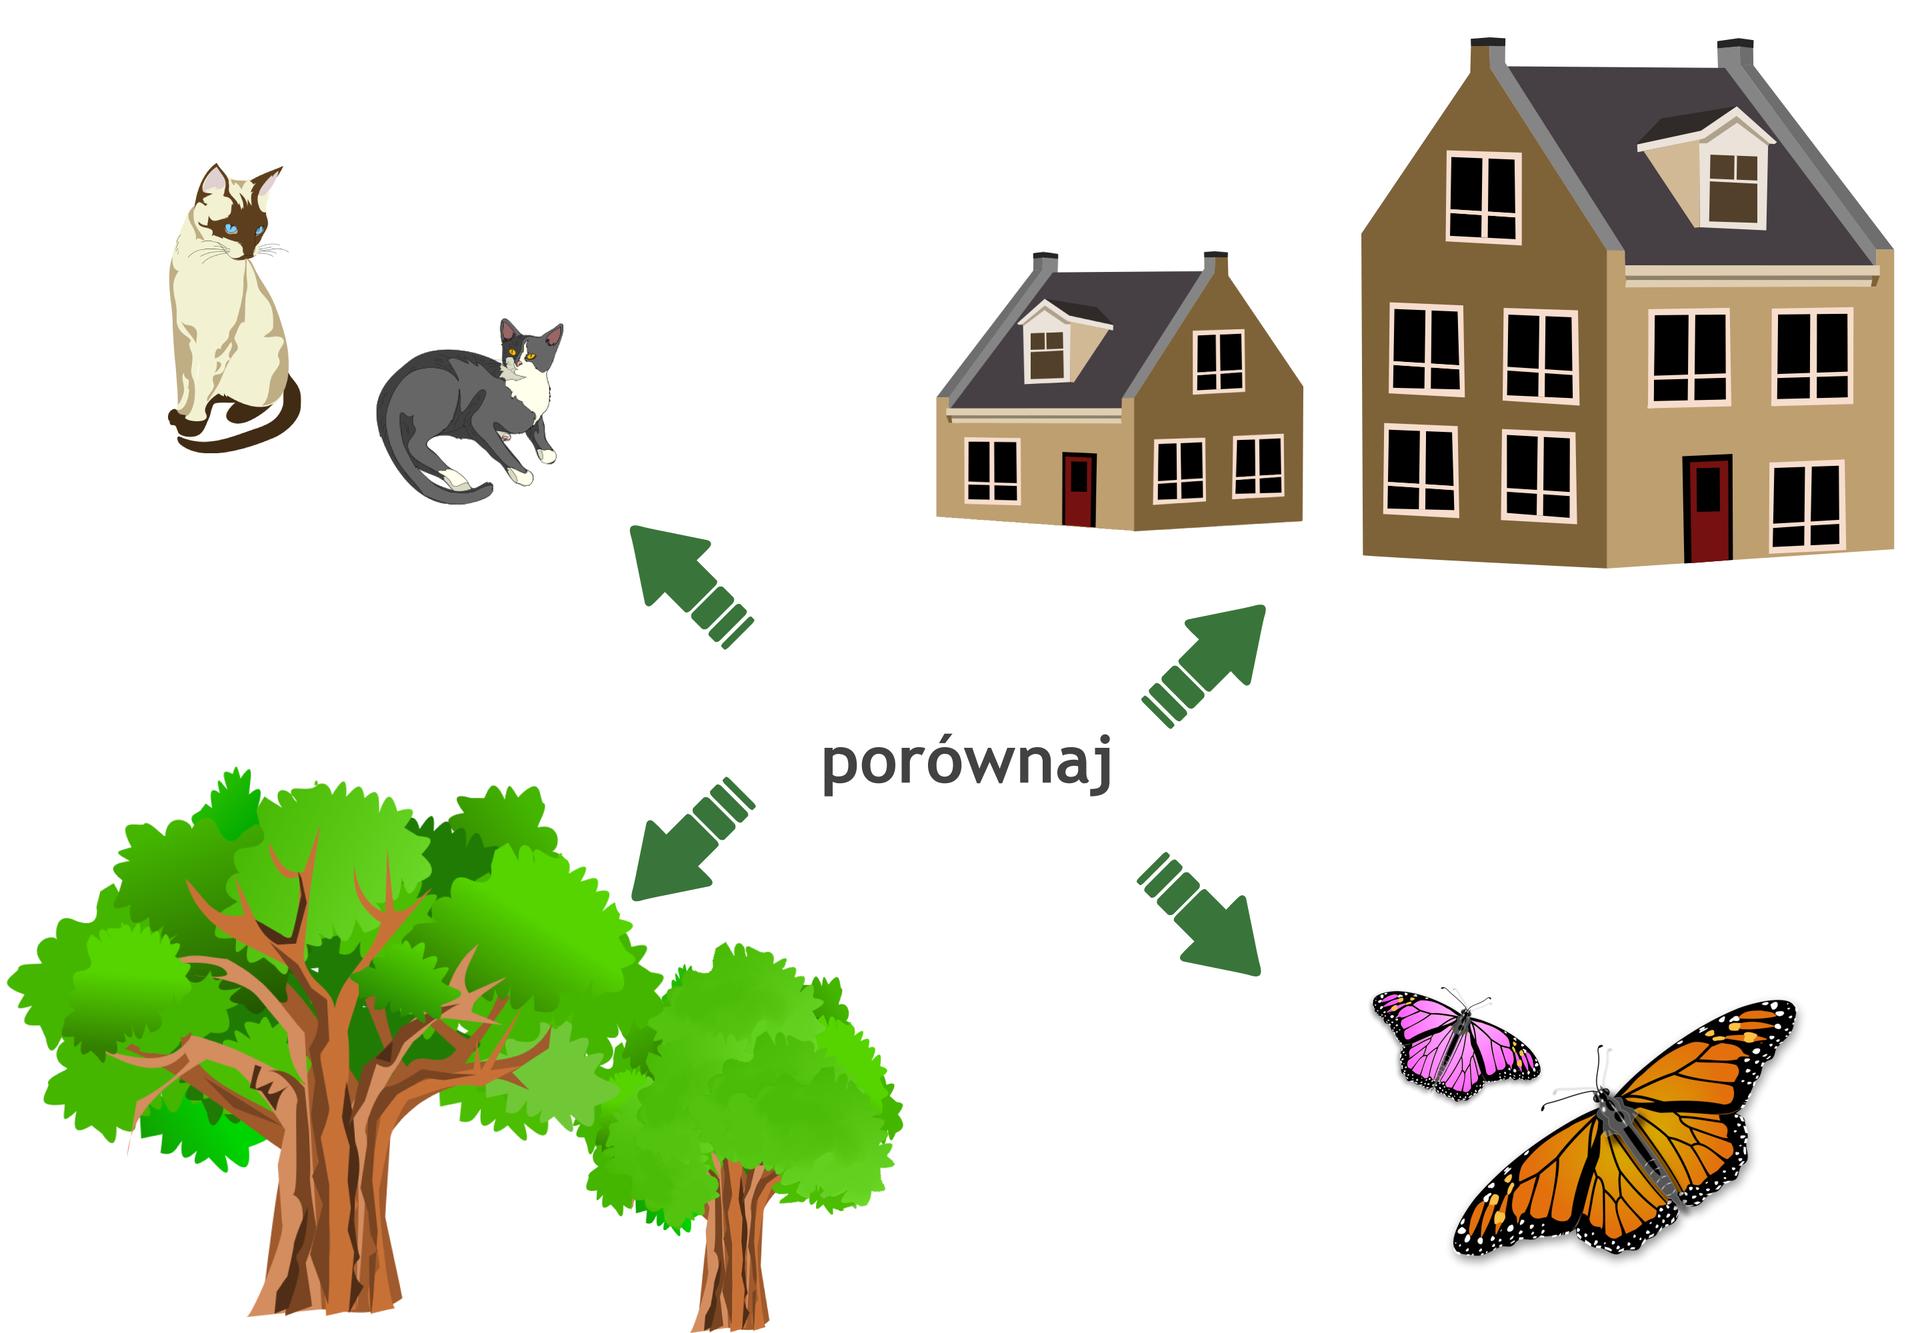 Rysunek dwóch kotów, dwóch motyli, dwóch drzew idwóch budynków. Obiekty są różnych rozmiarów.